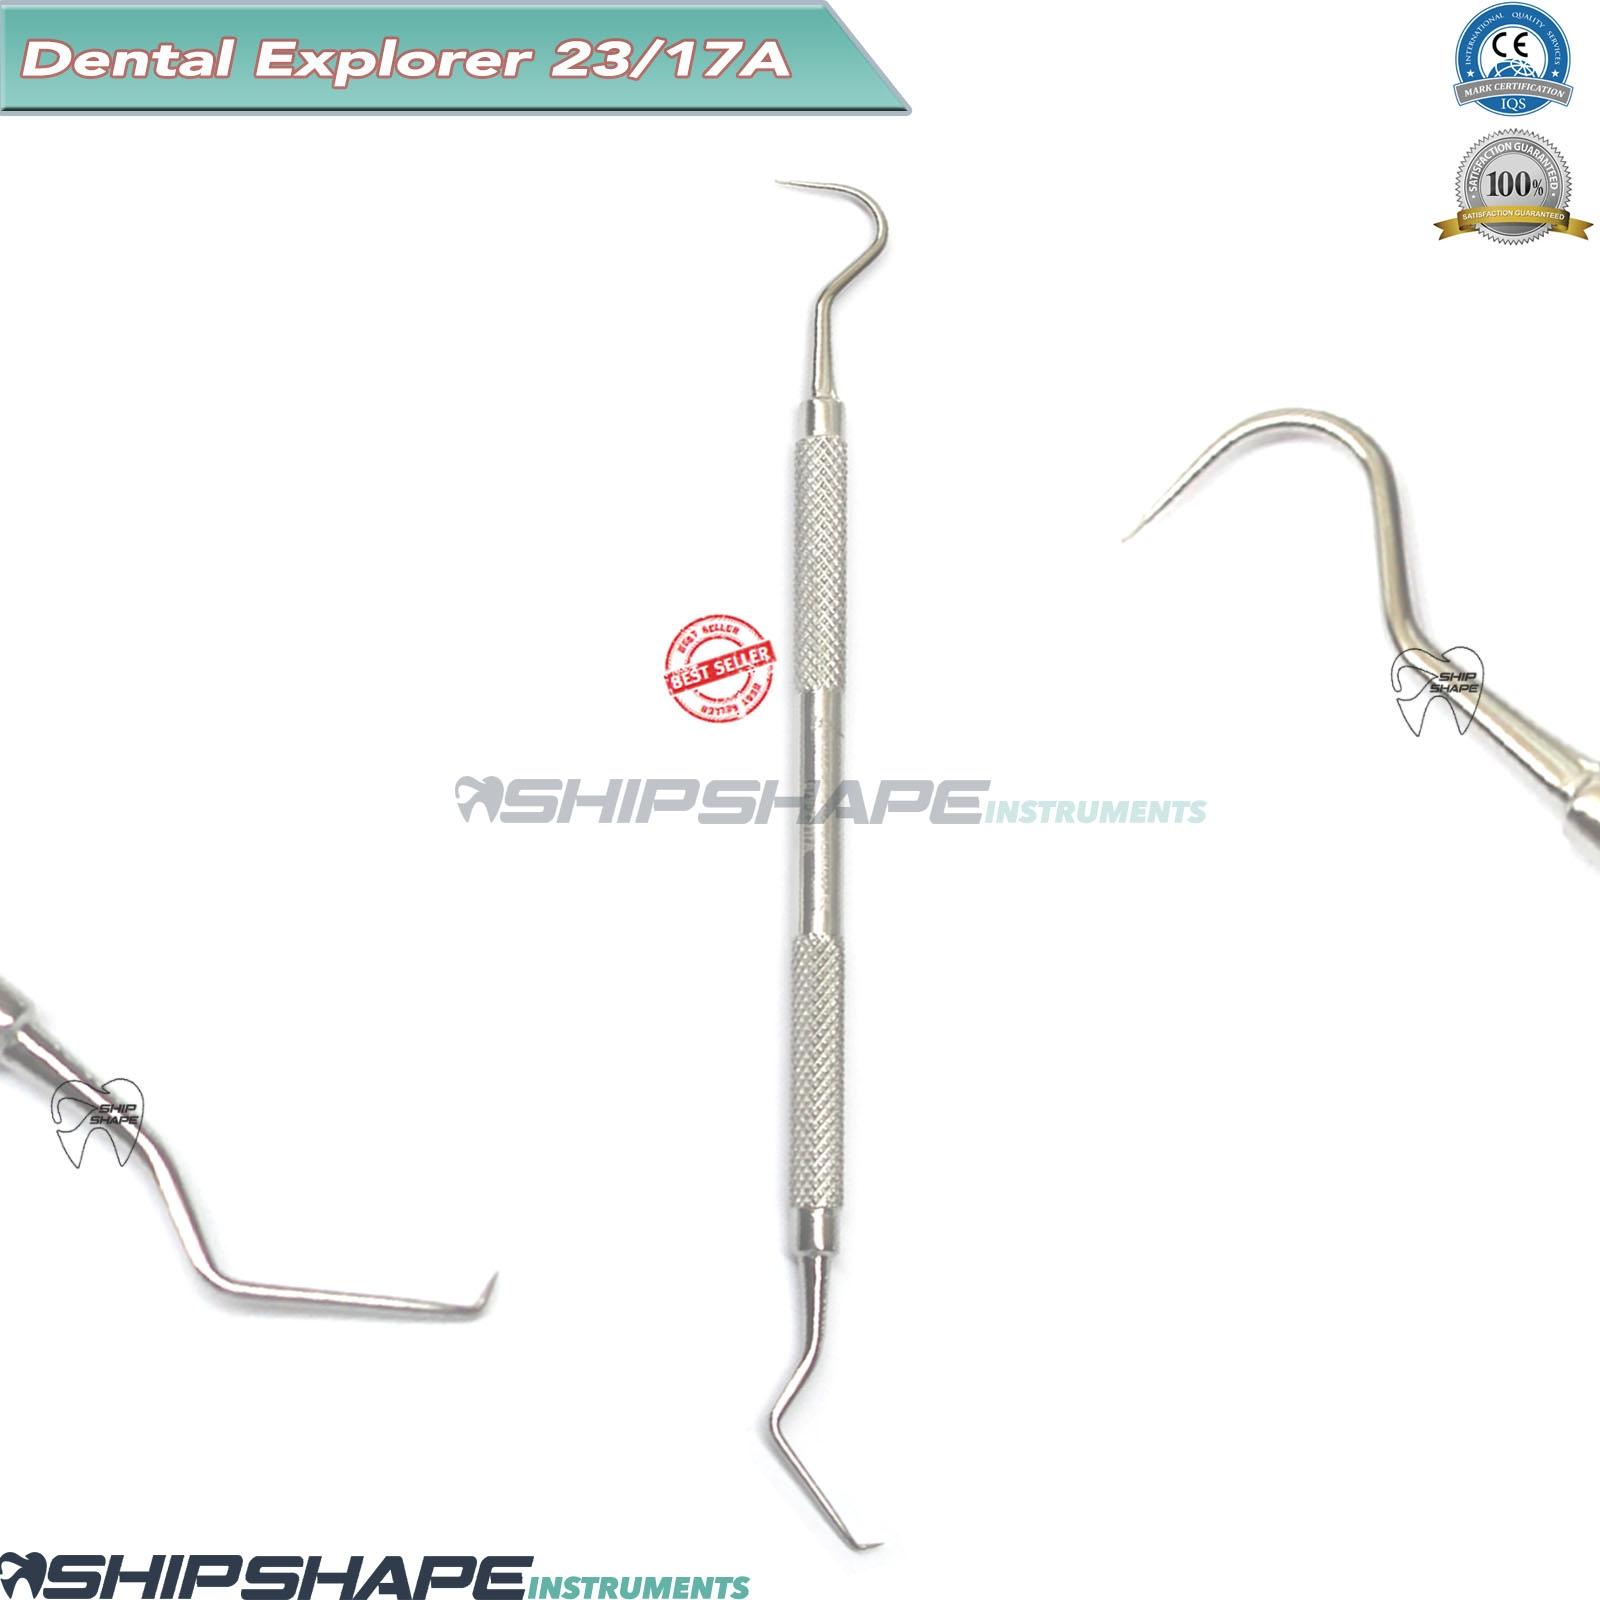 Explorer 23/17A Dental Tartar Remover Scaler Double Ended Hygiene Instrument CE-0